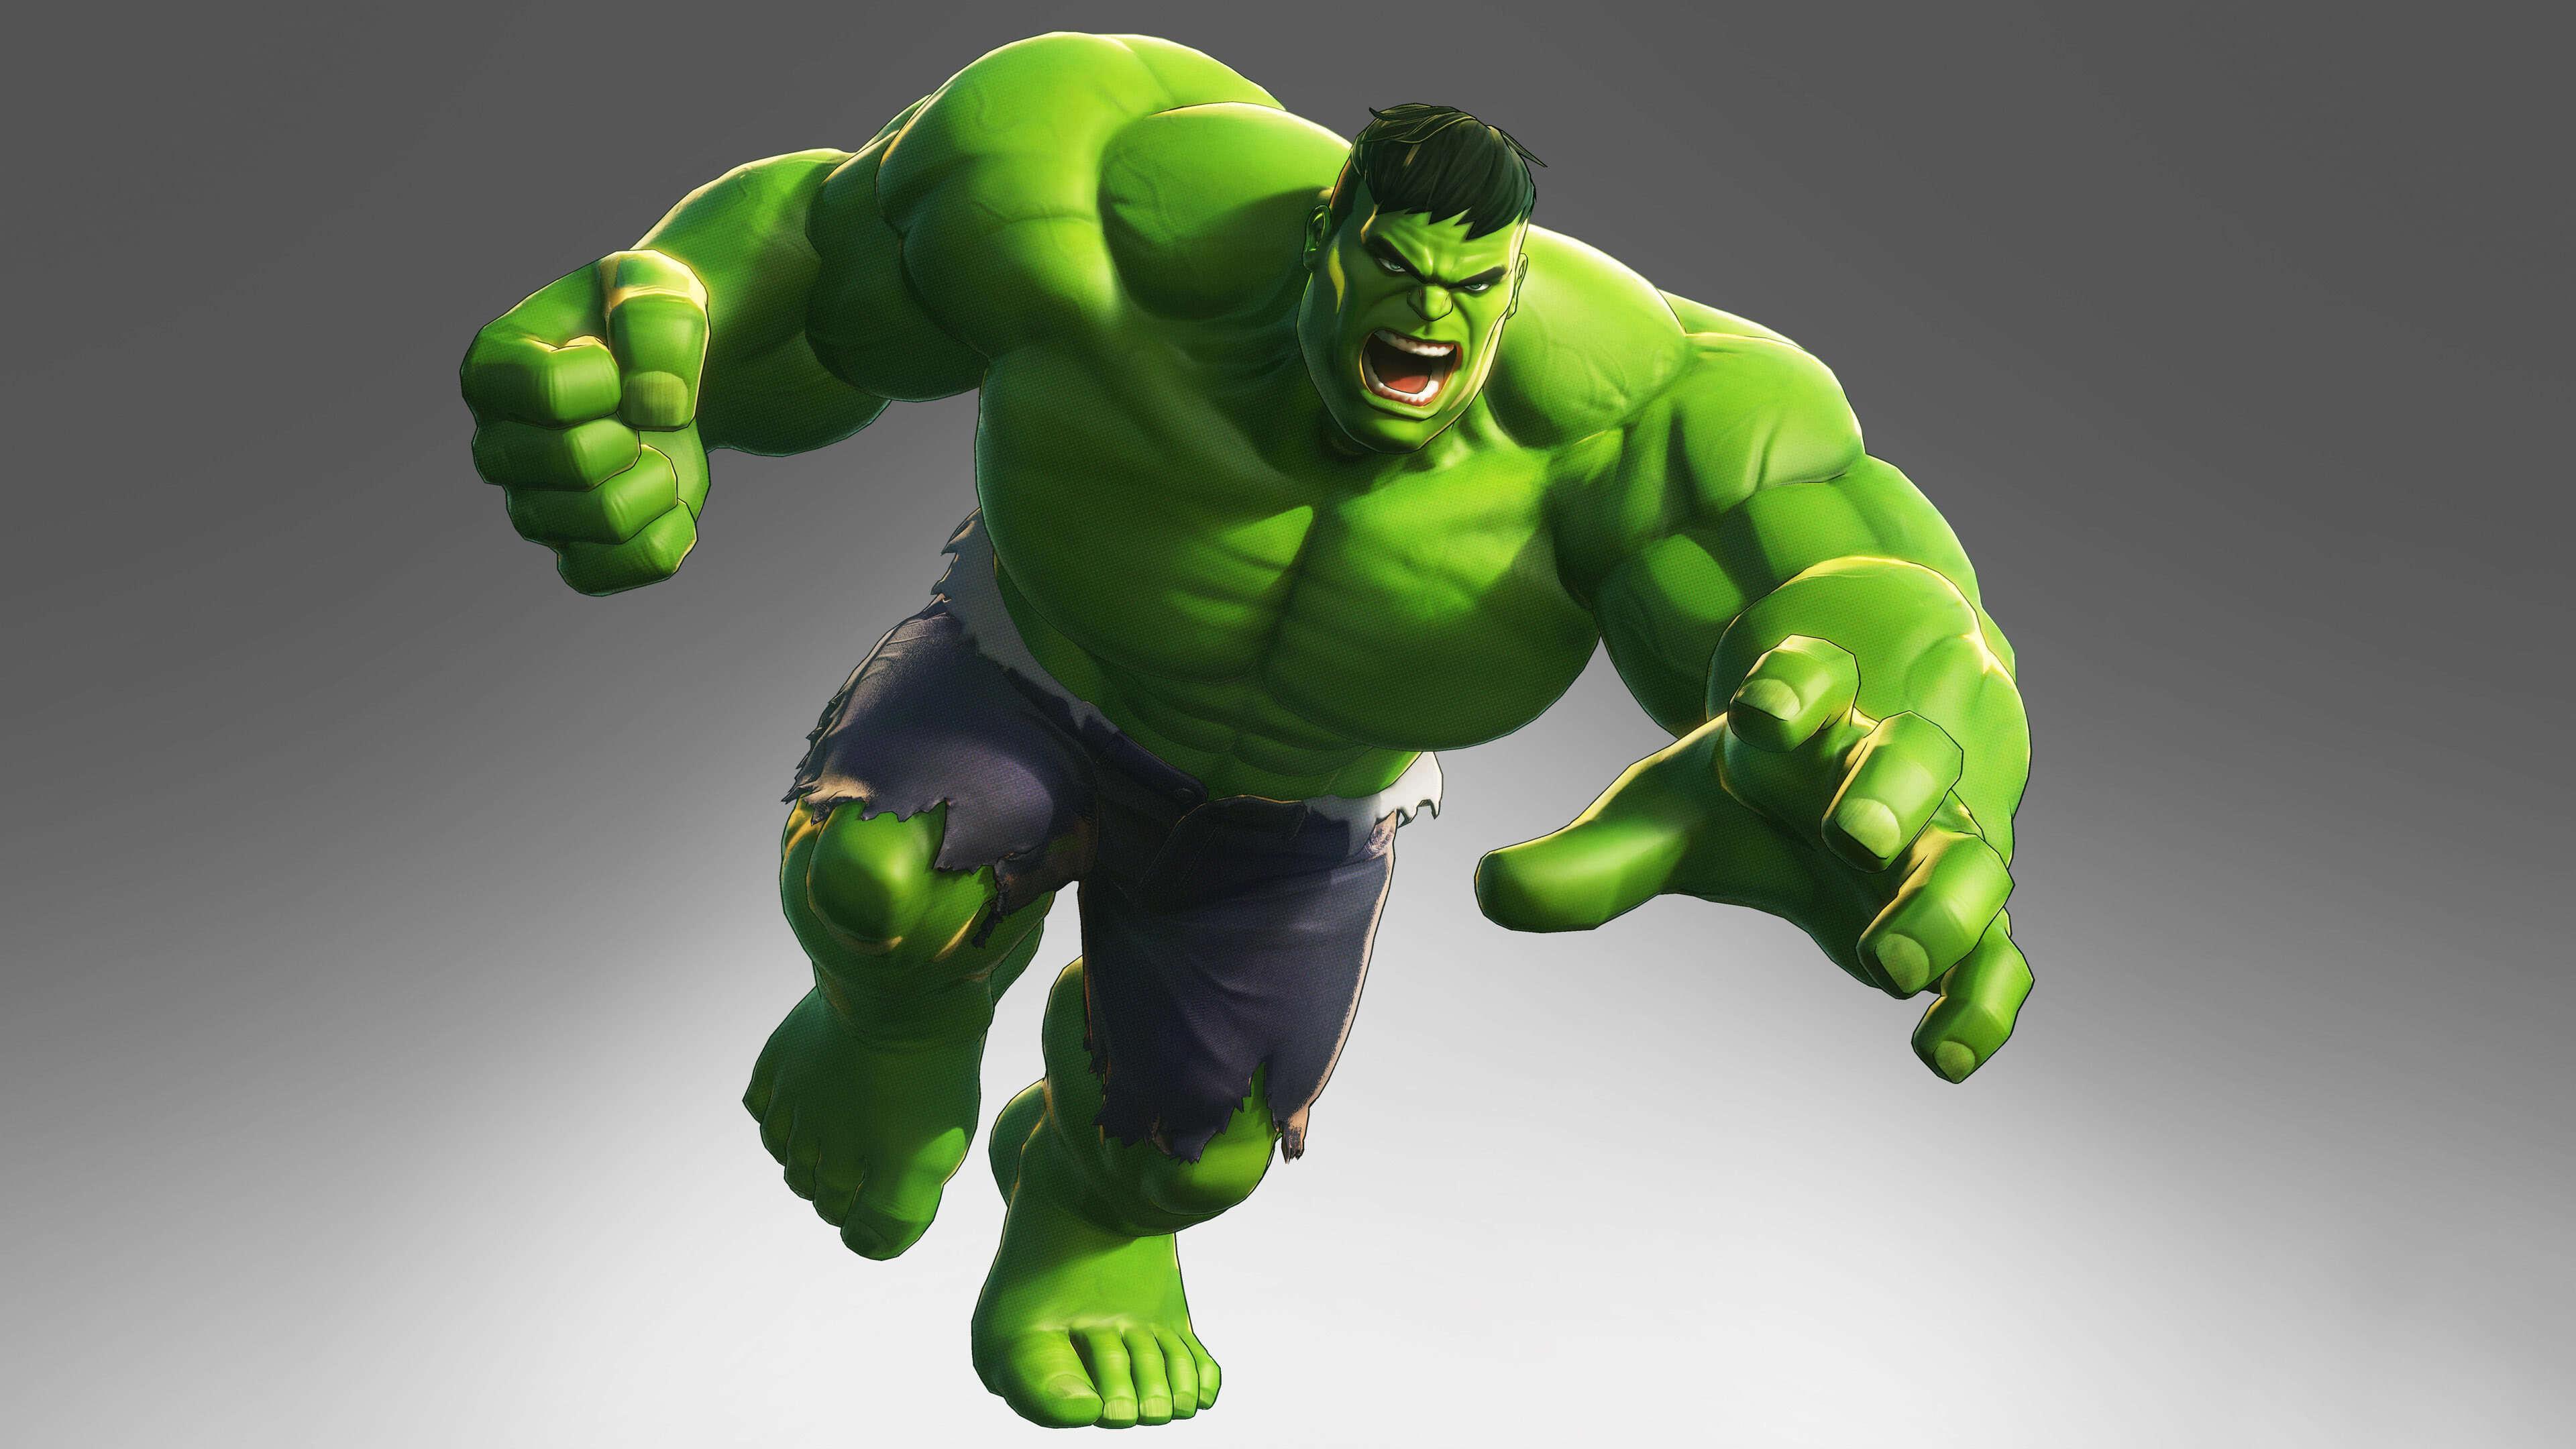 marvel ultimate alliance 3 hulk uhd 4k wallpaper